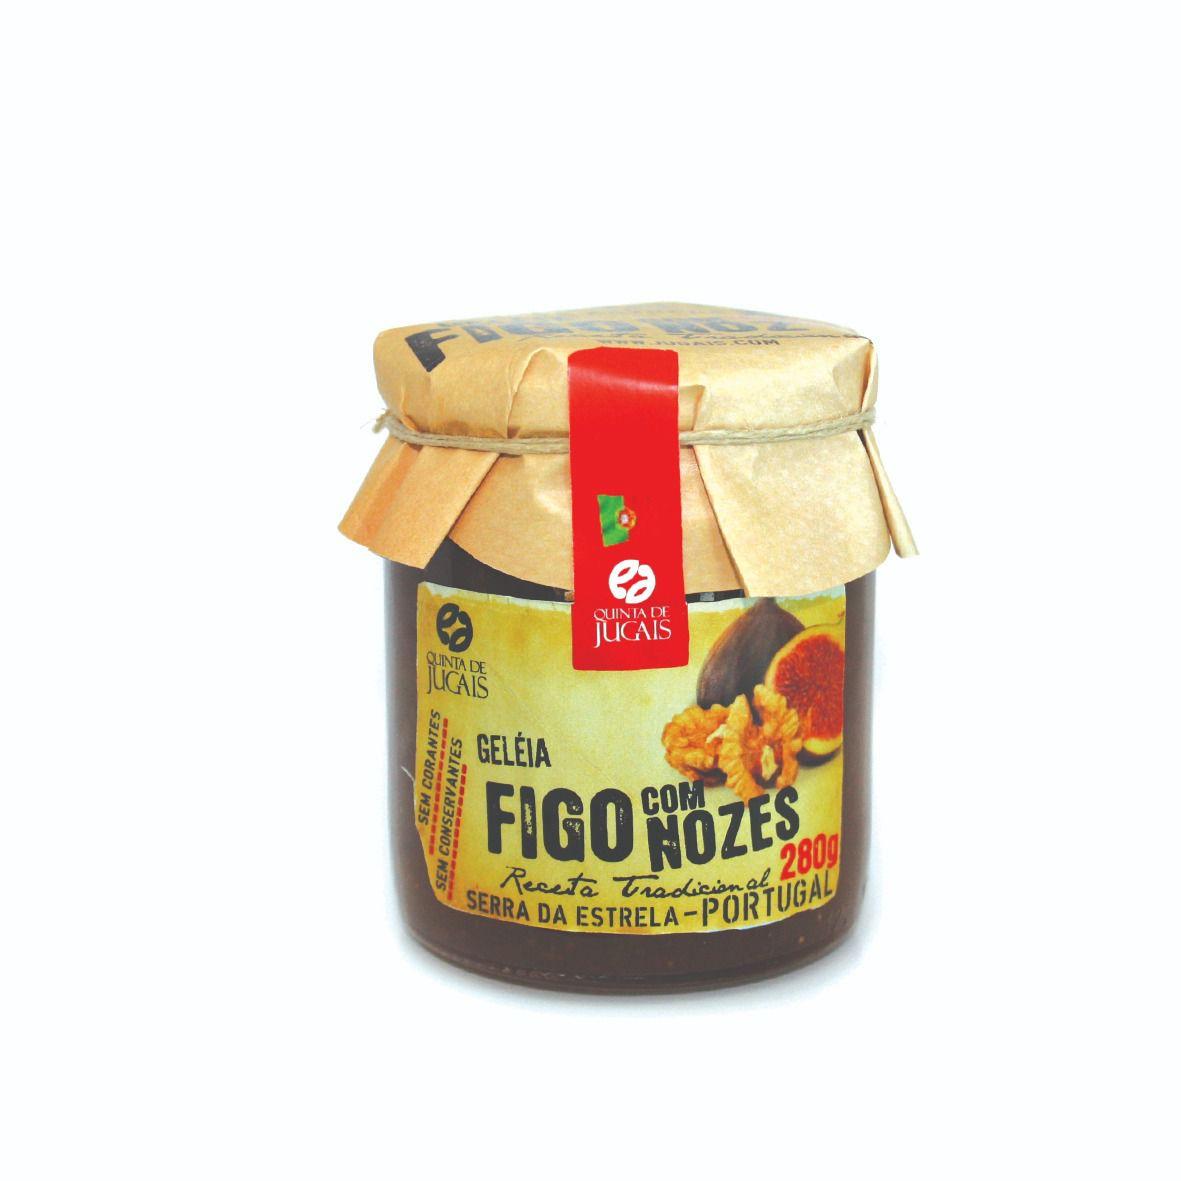 Geléia de Figo e Nozes Quinta de Jugais 280gr